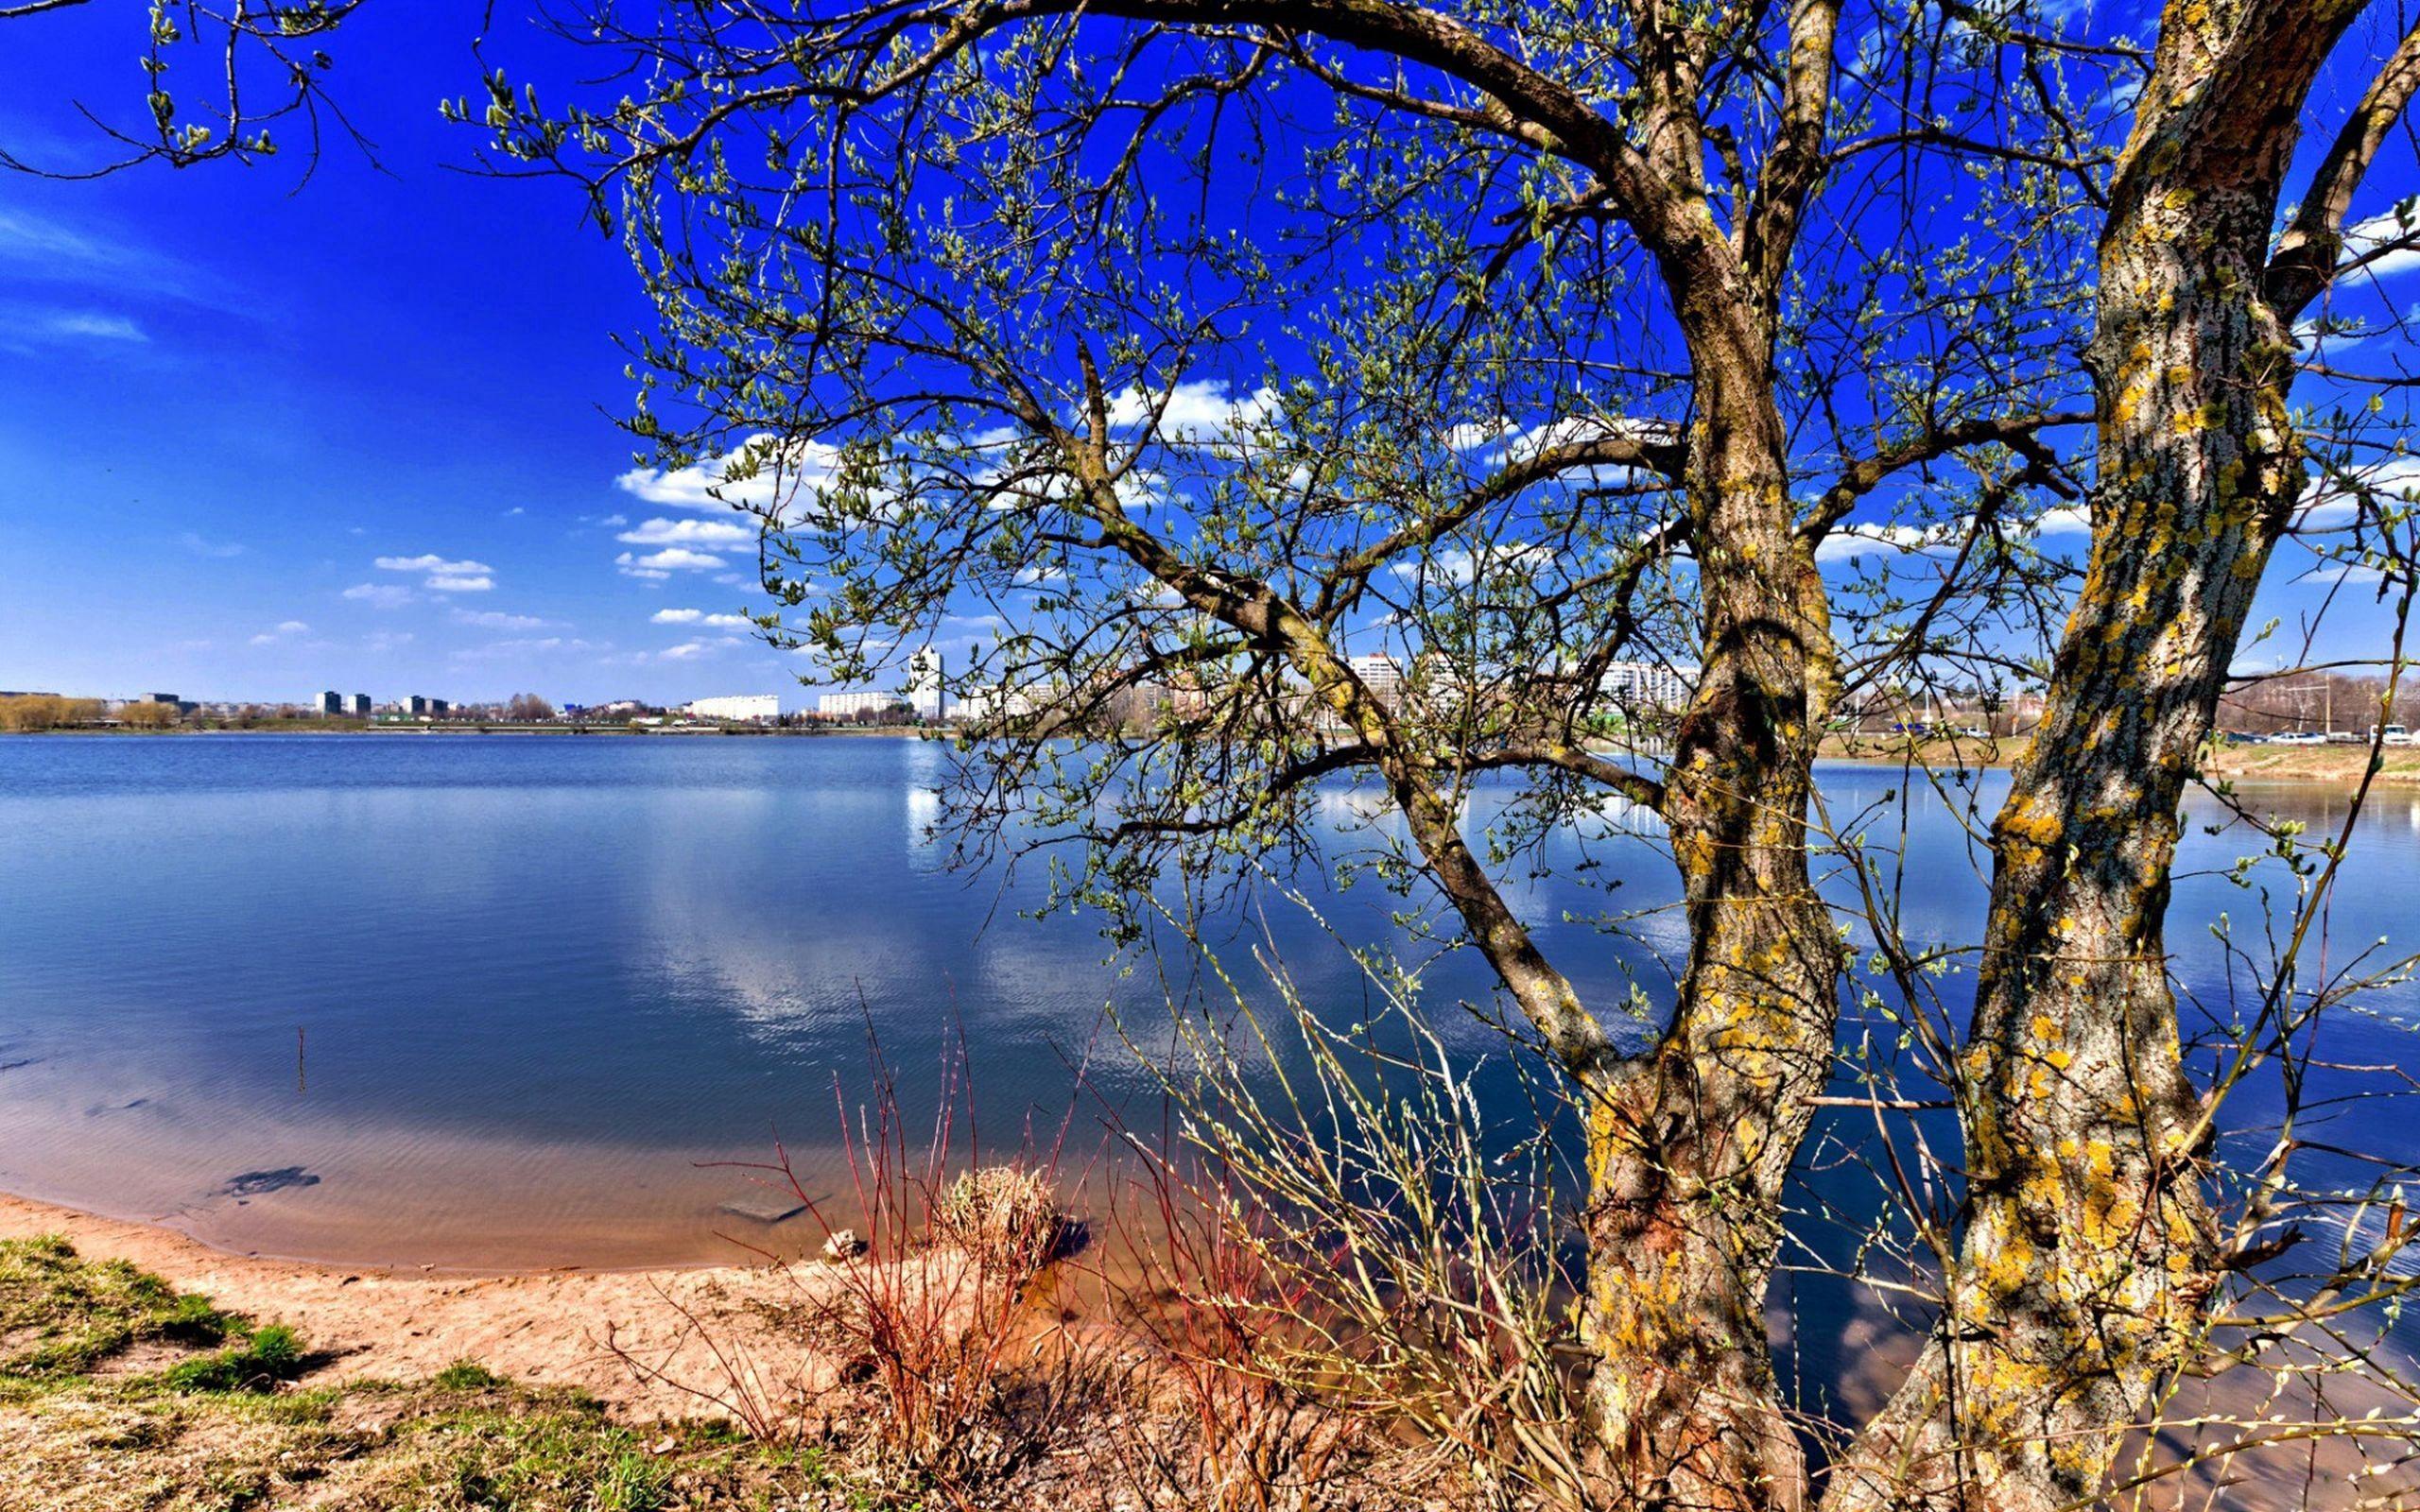 117242 Hintergrundbild herunterladen Natur, Flüsse, Holz, Baum - Bildschirmschoner und Bilder kostenlos